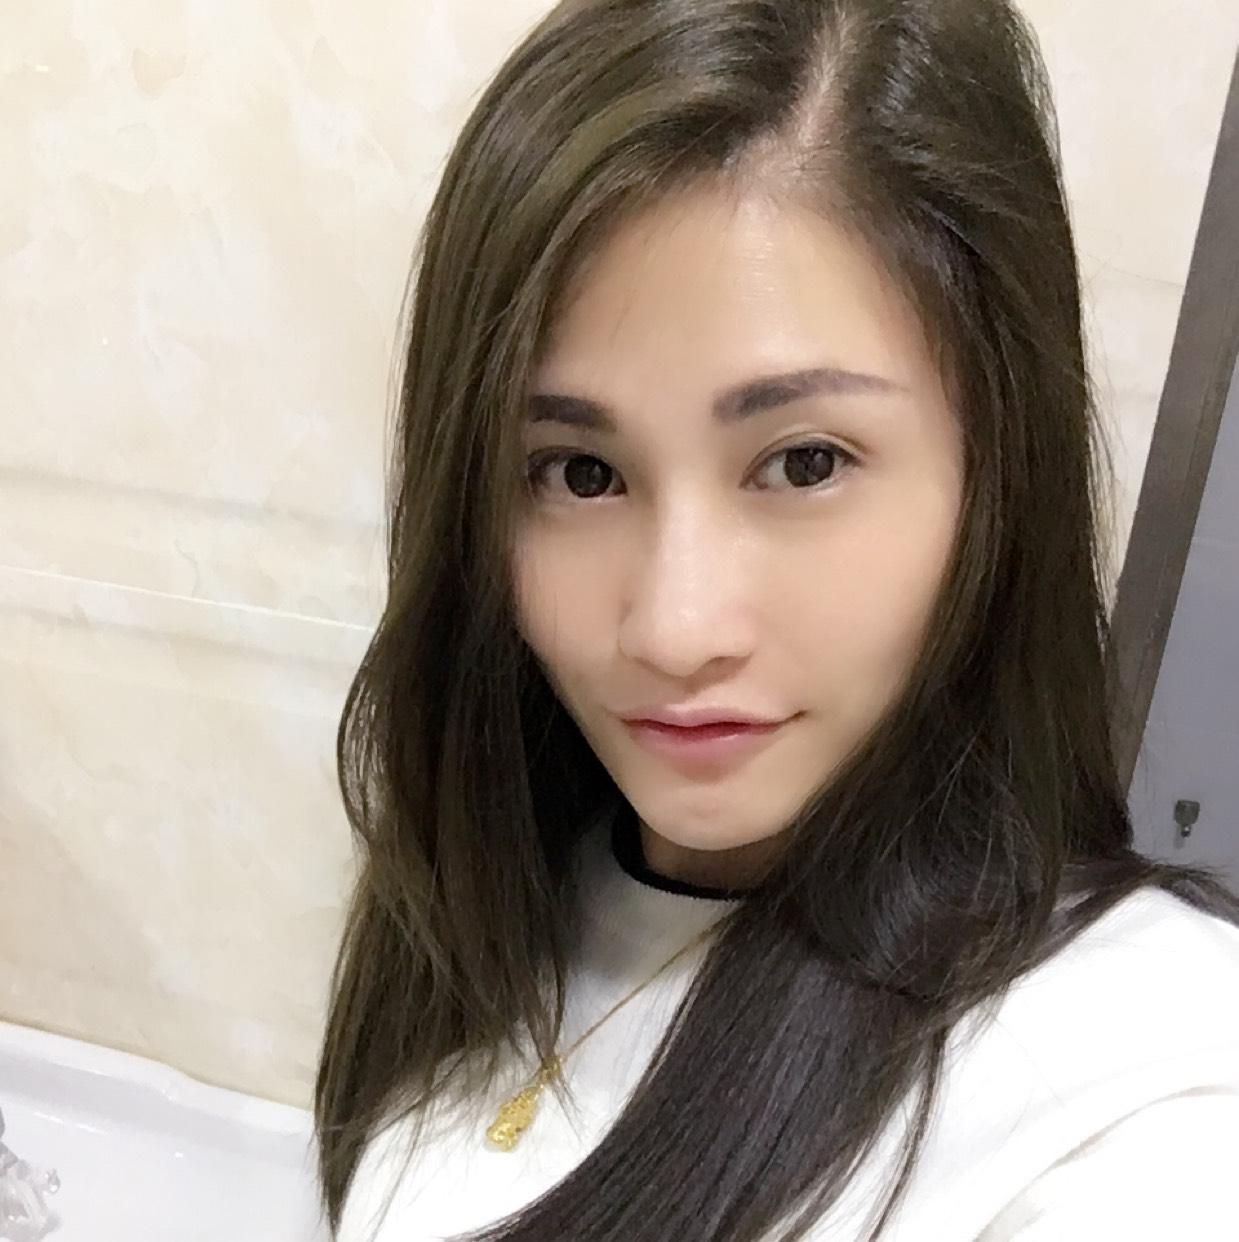 Shiguang